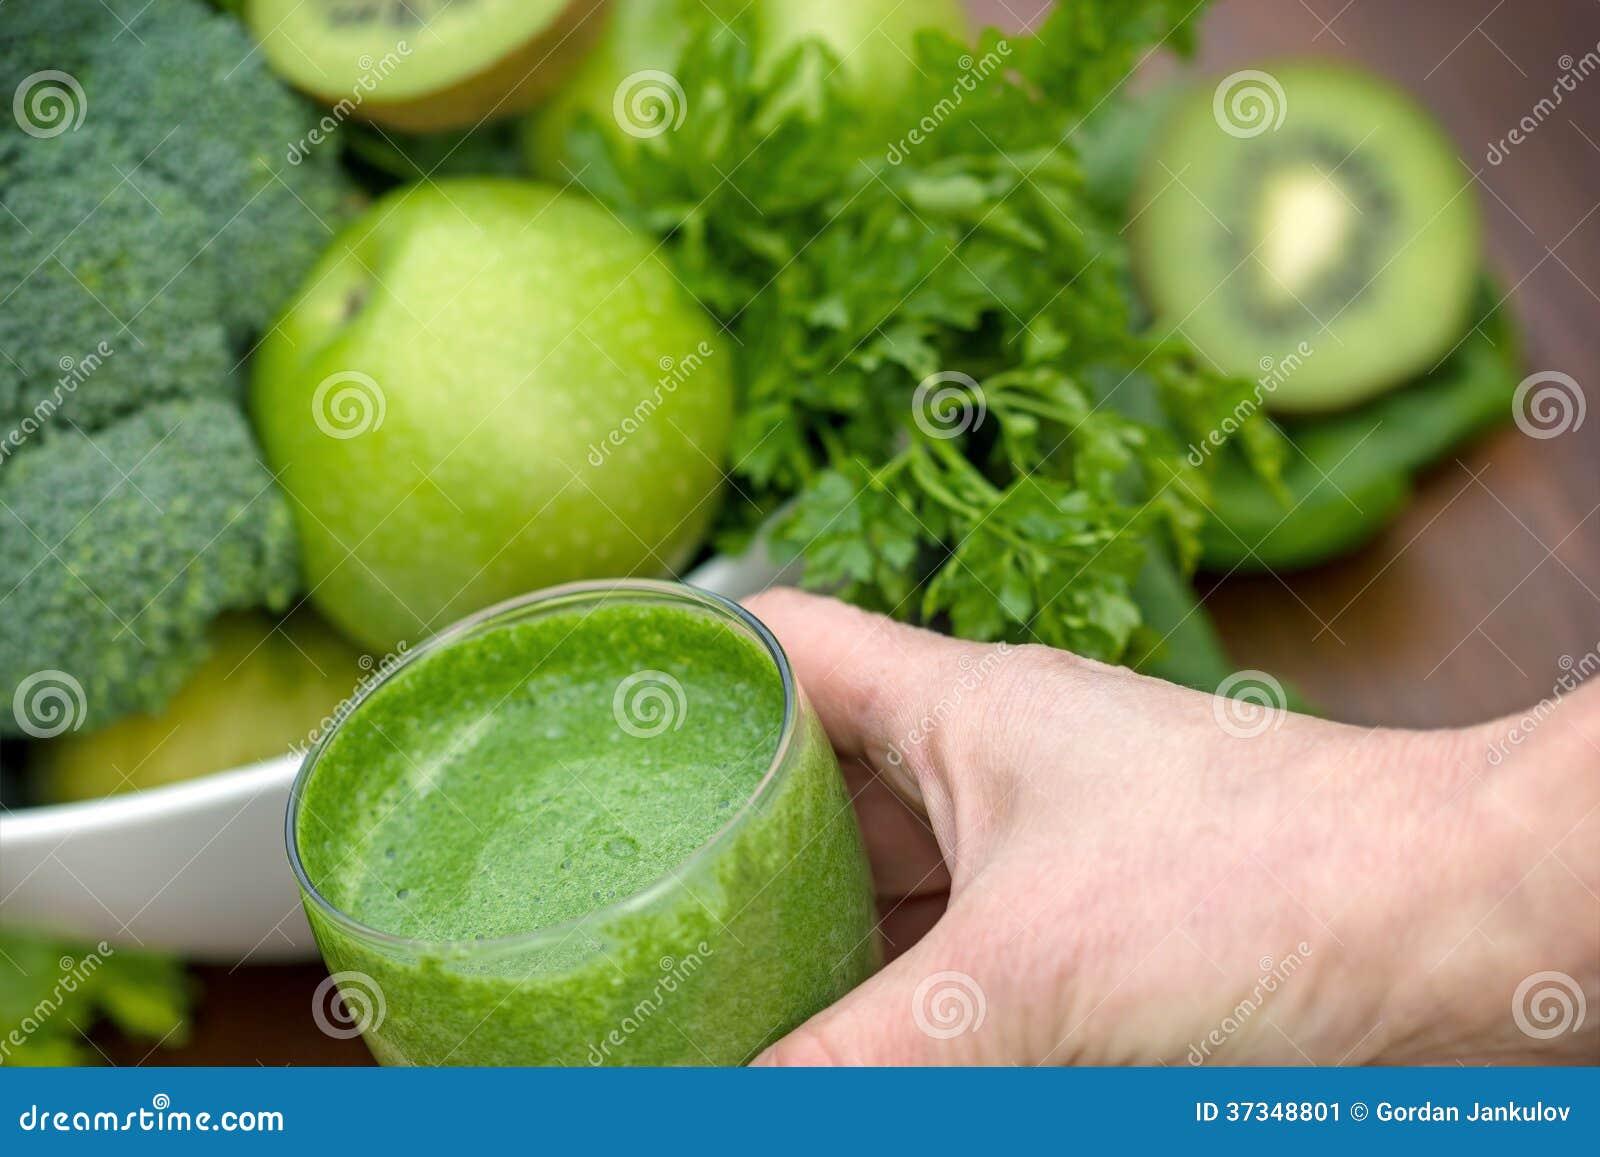 Grön smoothie i hand